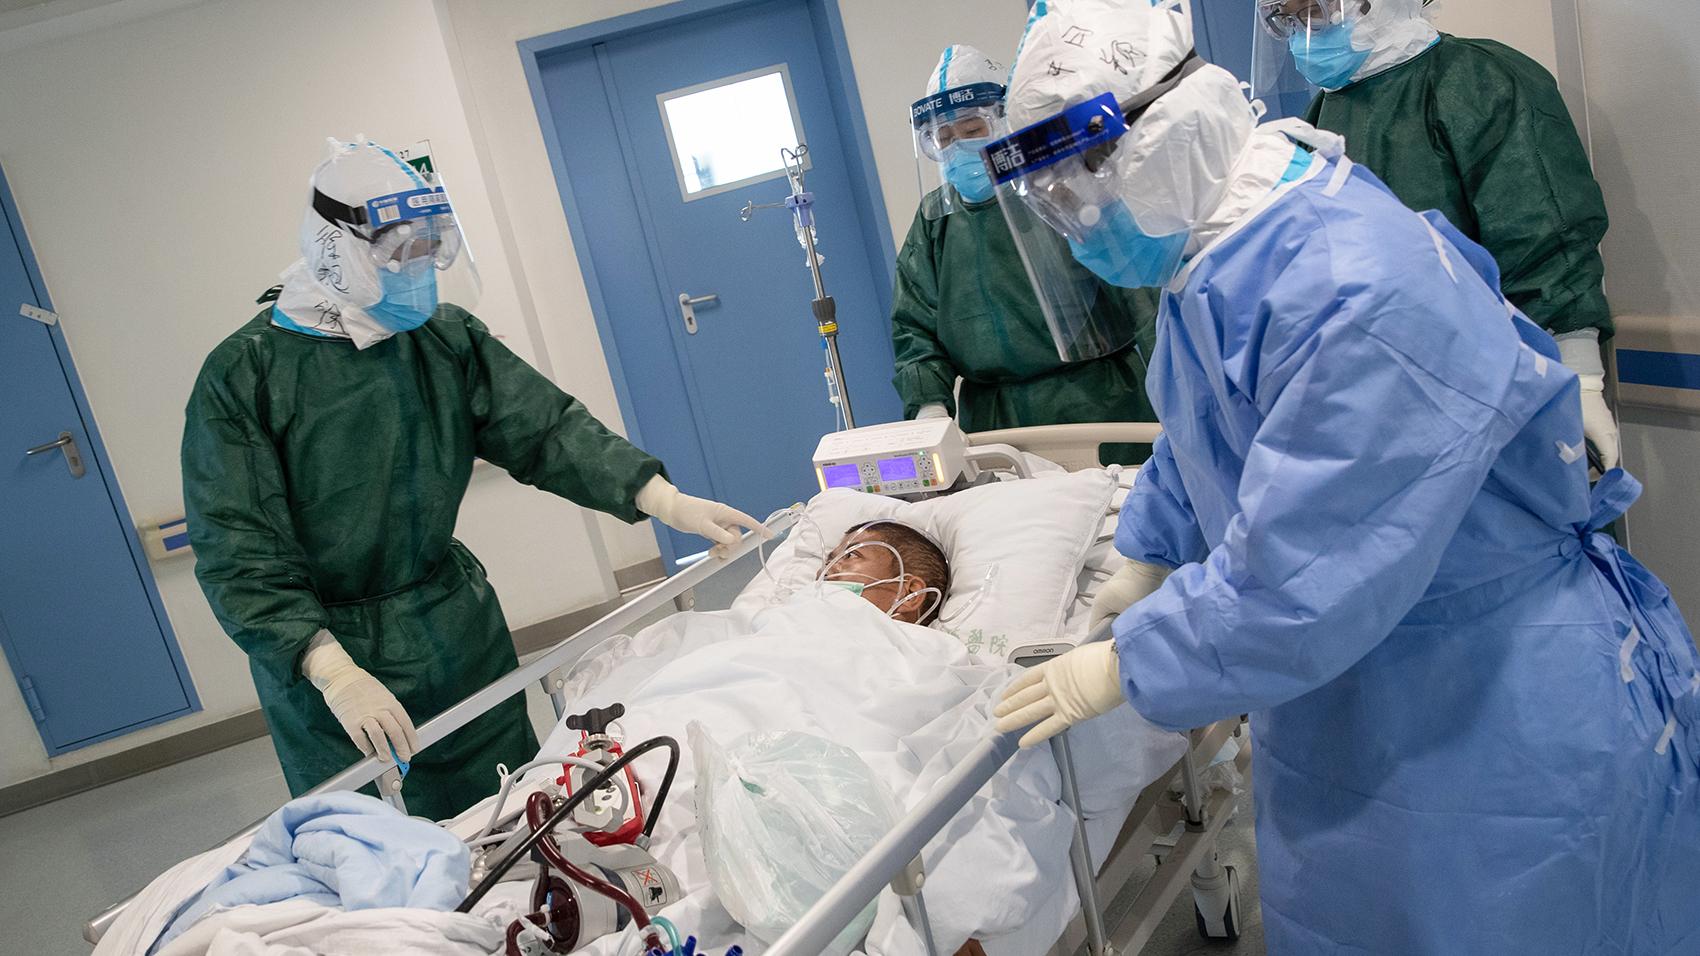 2020年2月22日,武汉一家医院内医生正在转移一名武汉肺炎的患者。(法新社)